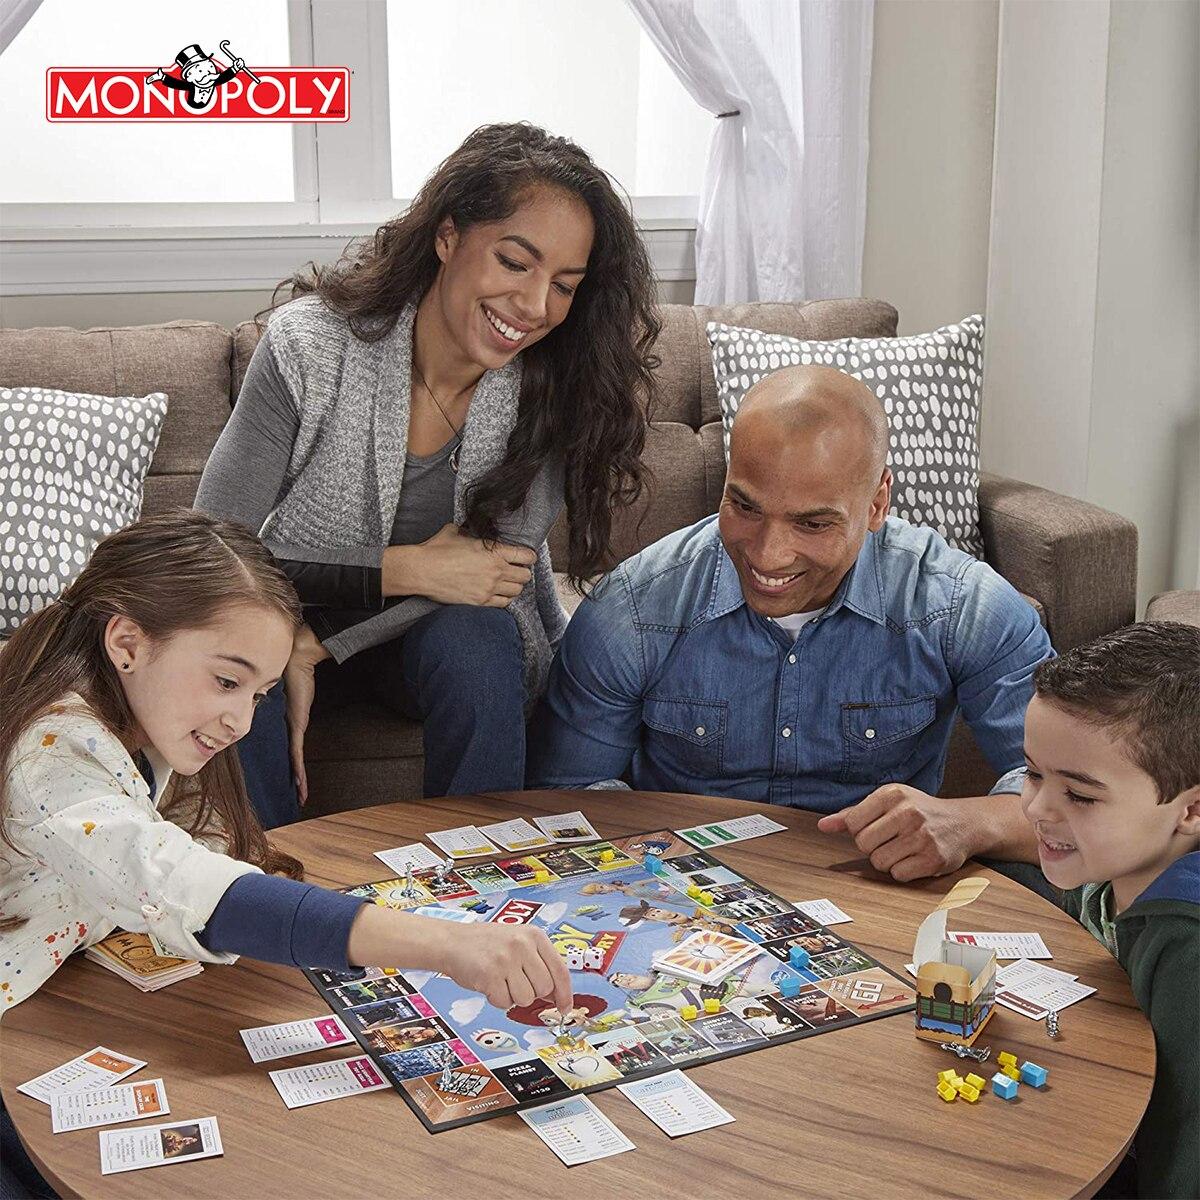 Классическая настольная игра-головоломка «История игрушек», енот, для детей, настольная игра для мальчиков и девочек, подарок на день рождения, E5065 4